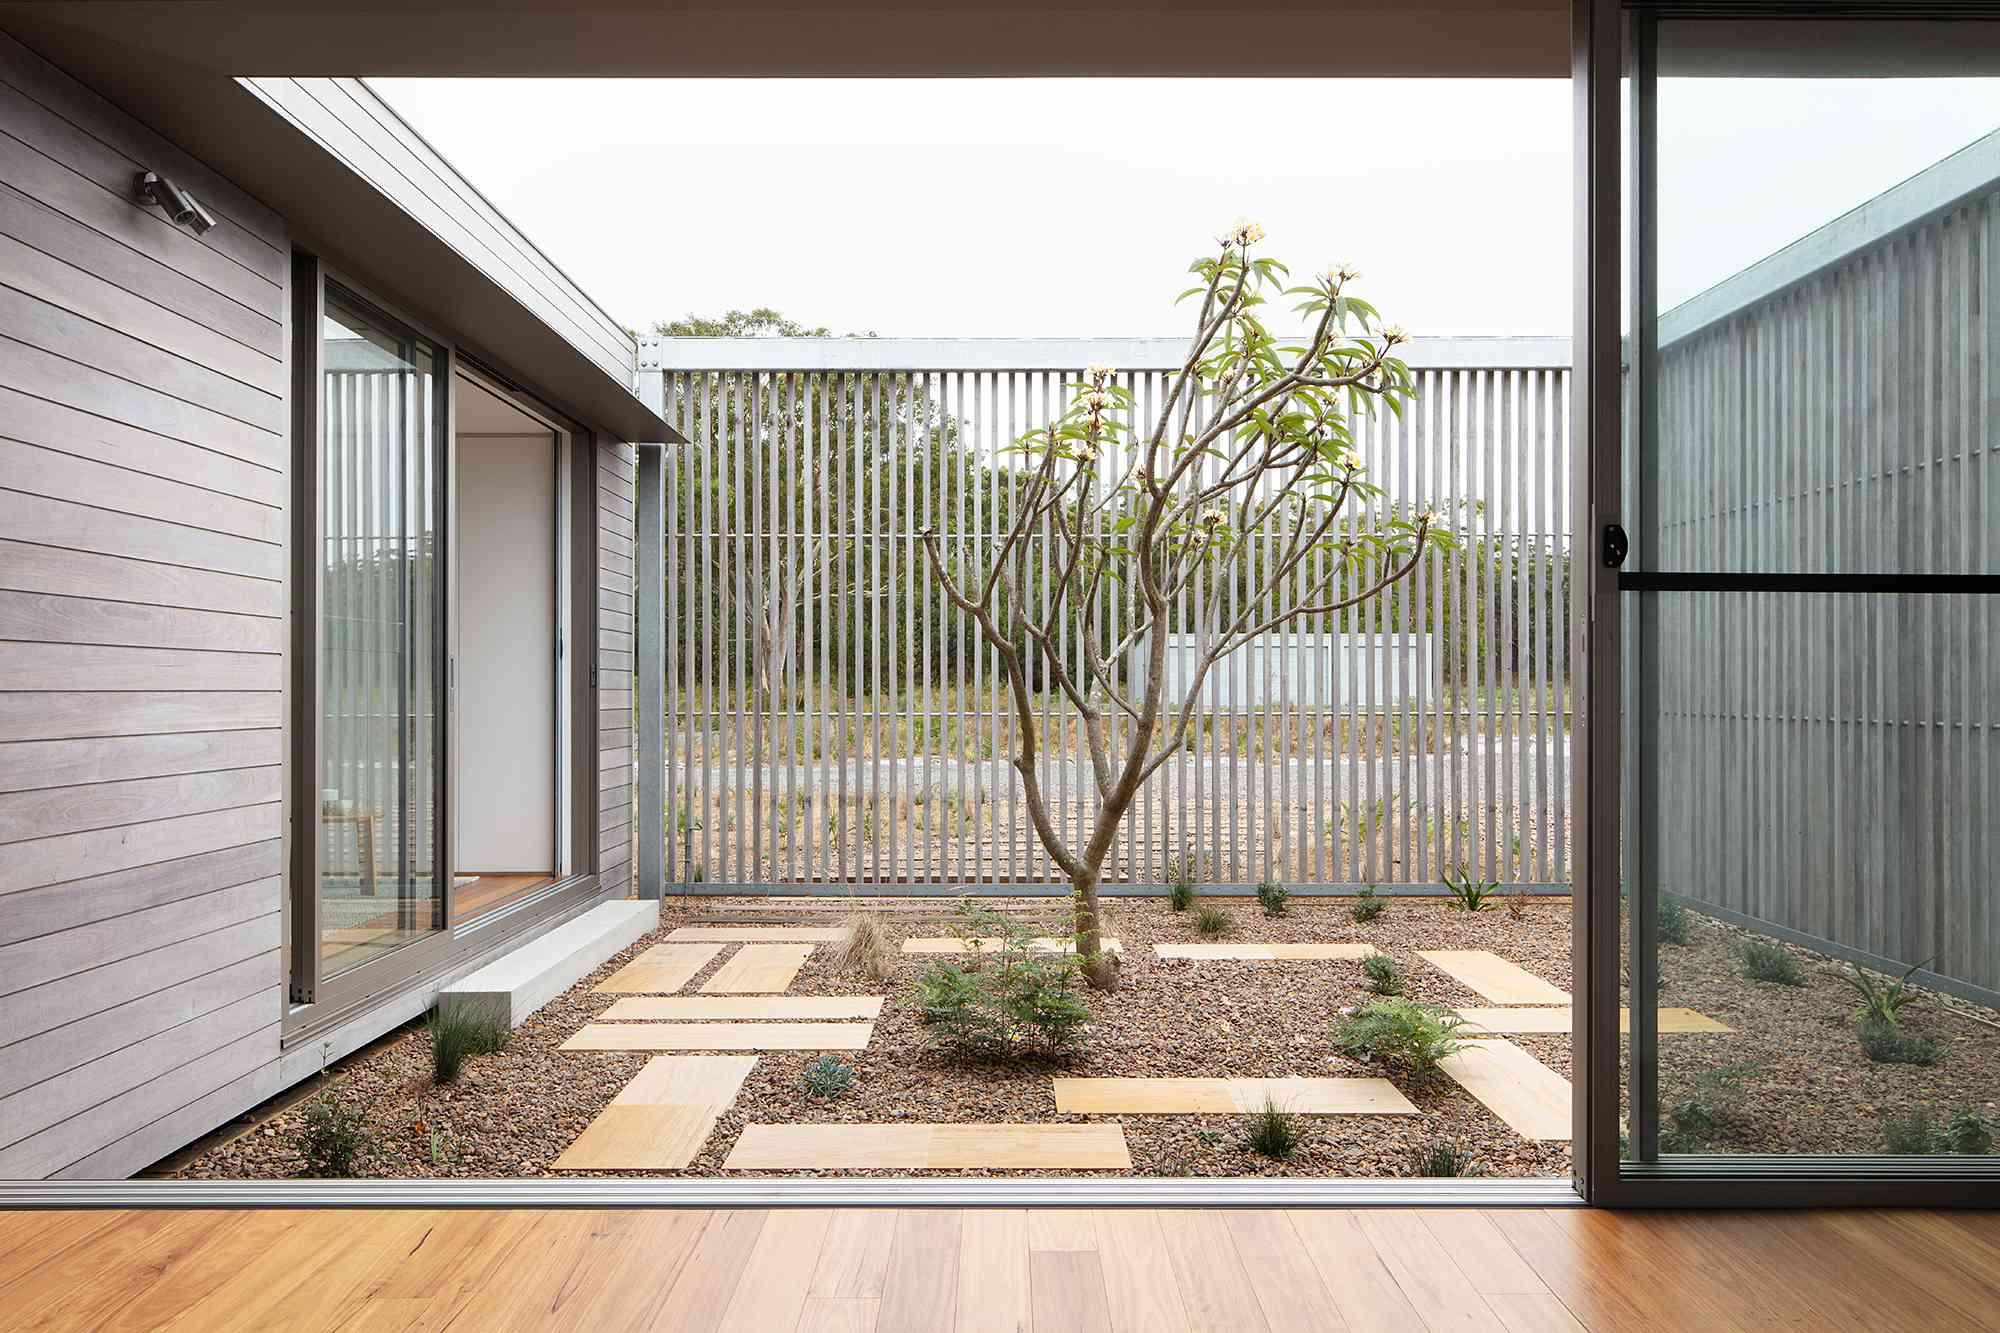 Courtyard House by CHROFI and FABPREFAB verandah